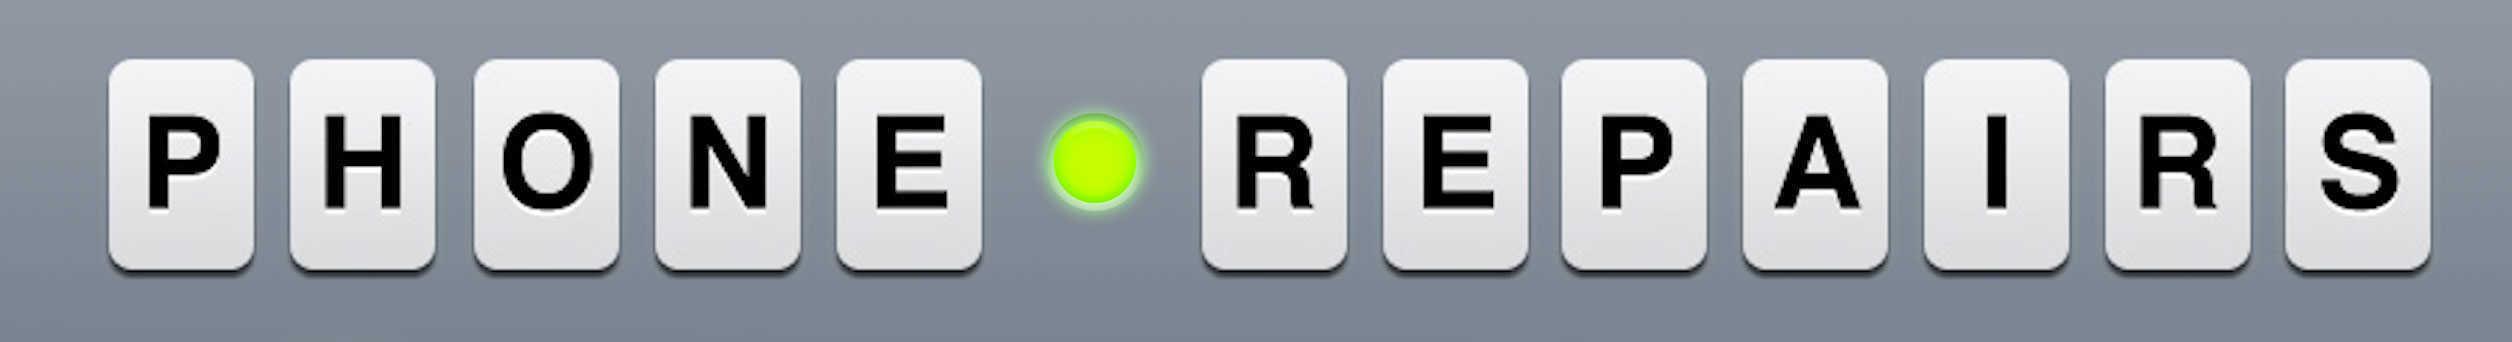 Phone Repairs wij voeren vandaag nog uw iPhone reparatie uit in Den Bosch, de goedkoopste uit de regio, iPhone reparatie Den Bosch,Samsung reparatie Den Bosch, OnePlus reparatie Den Bosch,Honor reparatie Den Bosch, Nexus reparatie,LG reparatie Den Bosch,Nokia reparatie Den Bosch, Huawei reparatie Den Bosch, Sony Xperia reparatie Den Bosch,Lenovo reparatie,Xiaomi reparatie,Moto reparatie,Wiko reparatie,Microsoft reparatie,Meizu reparatie,Umi reparatie, Elephone reparatie, Oppo reparatie